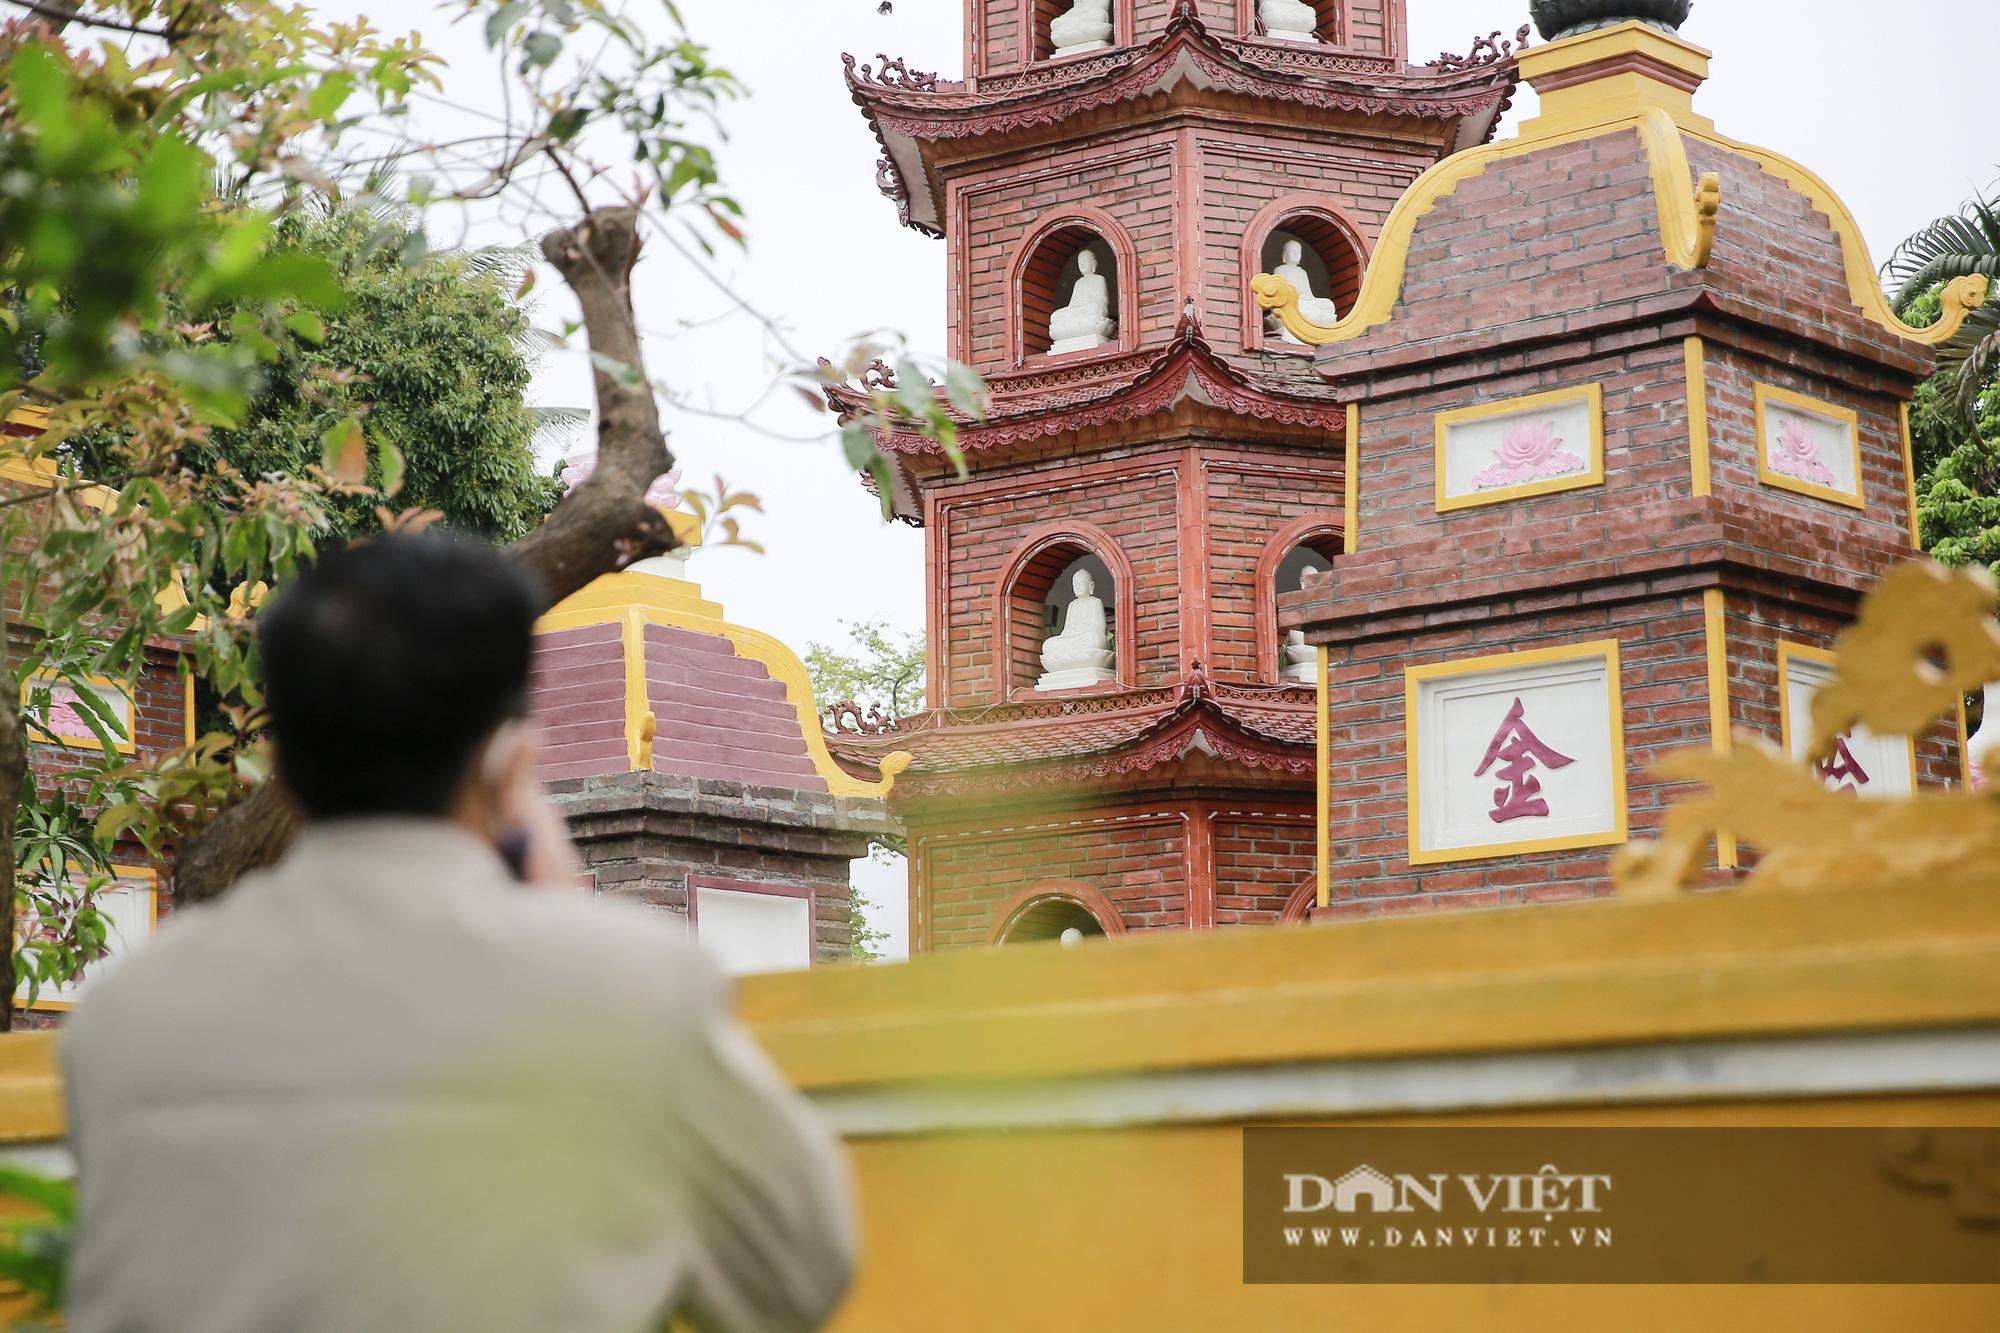 Công an gác cổng, người dân lập bàn vái vọng trước đền chùa ngày Rằm tháng Giêng - Ảnh 12.